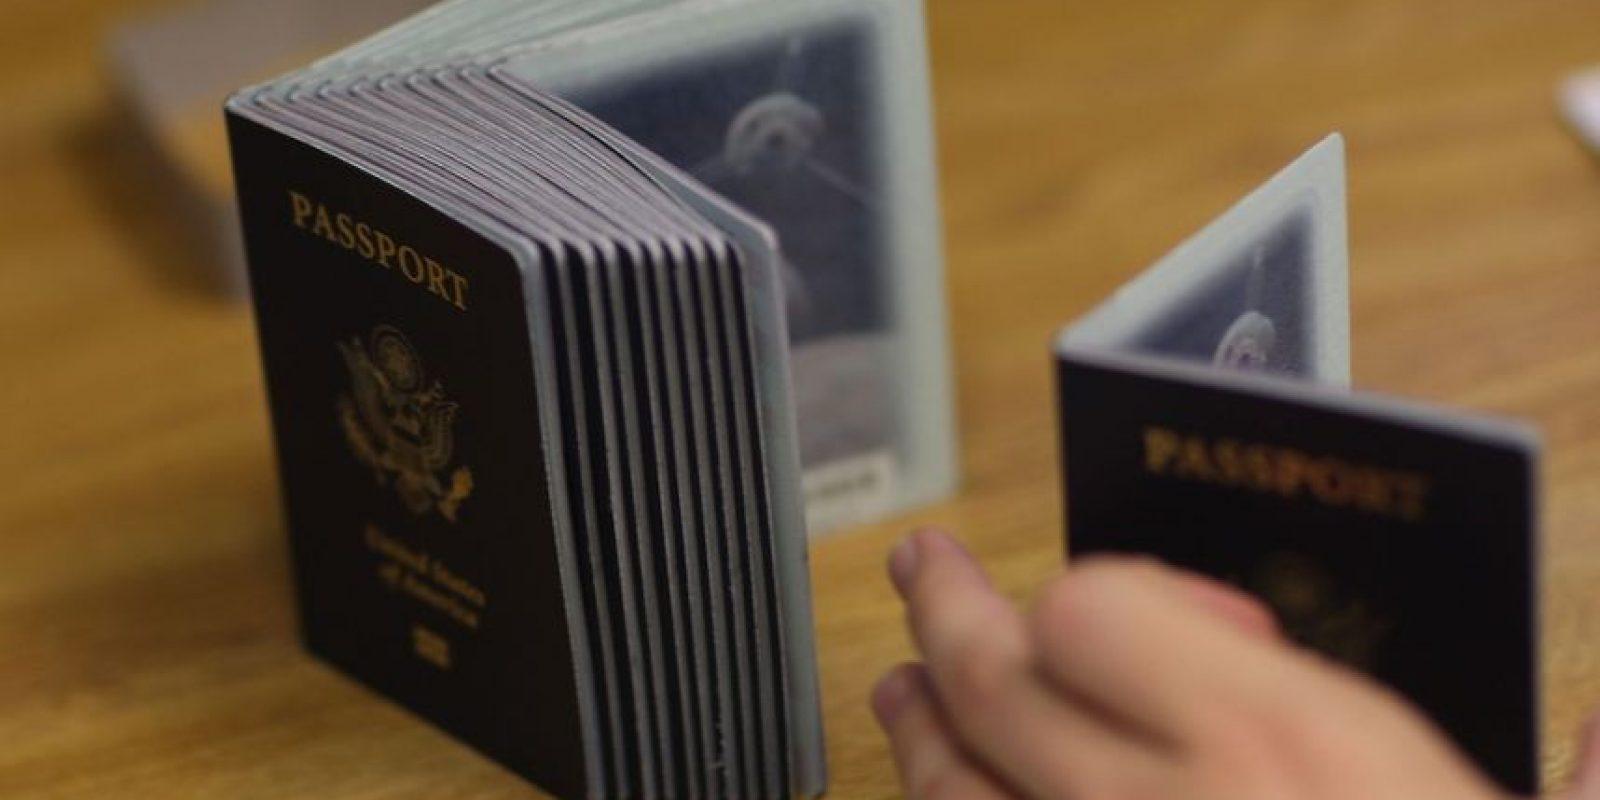 El pasaporte danés habilita a quienes lo poseen a viajar a 169 países sin necesidad de contar con una visa Foto:Getty Images